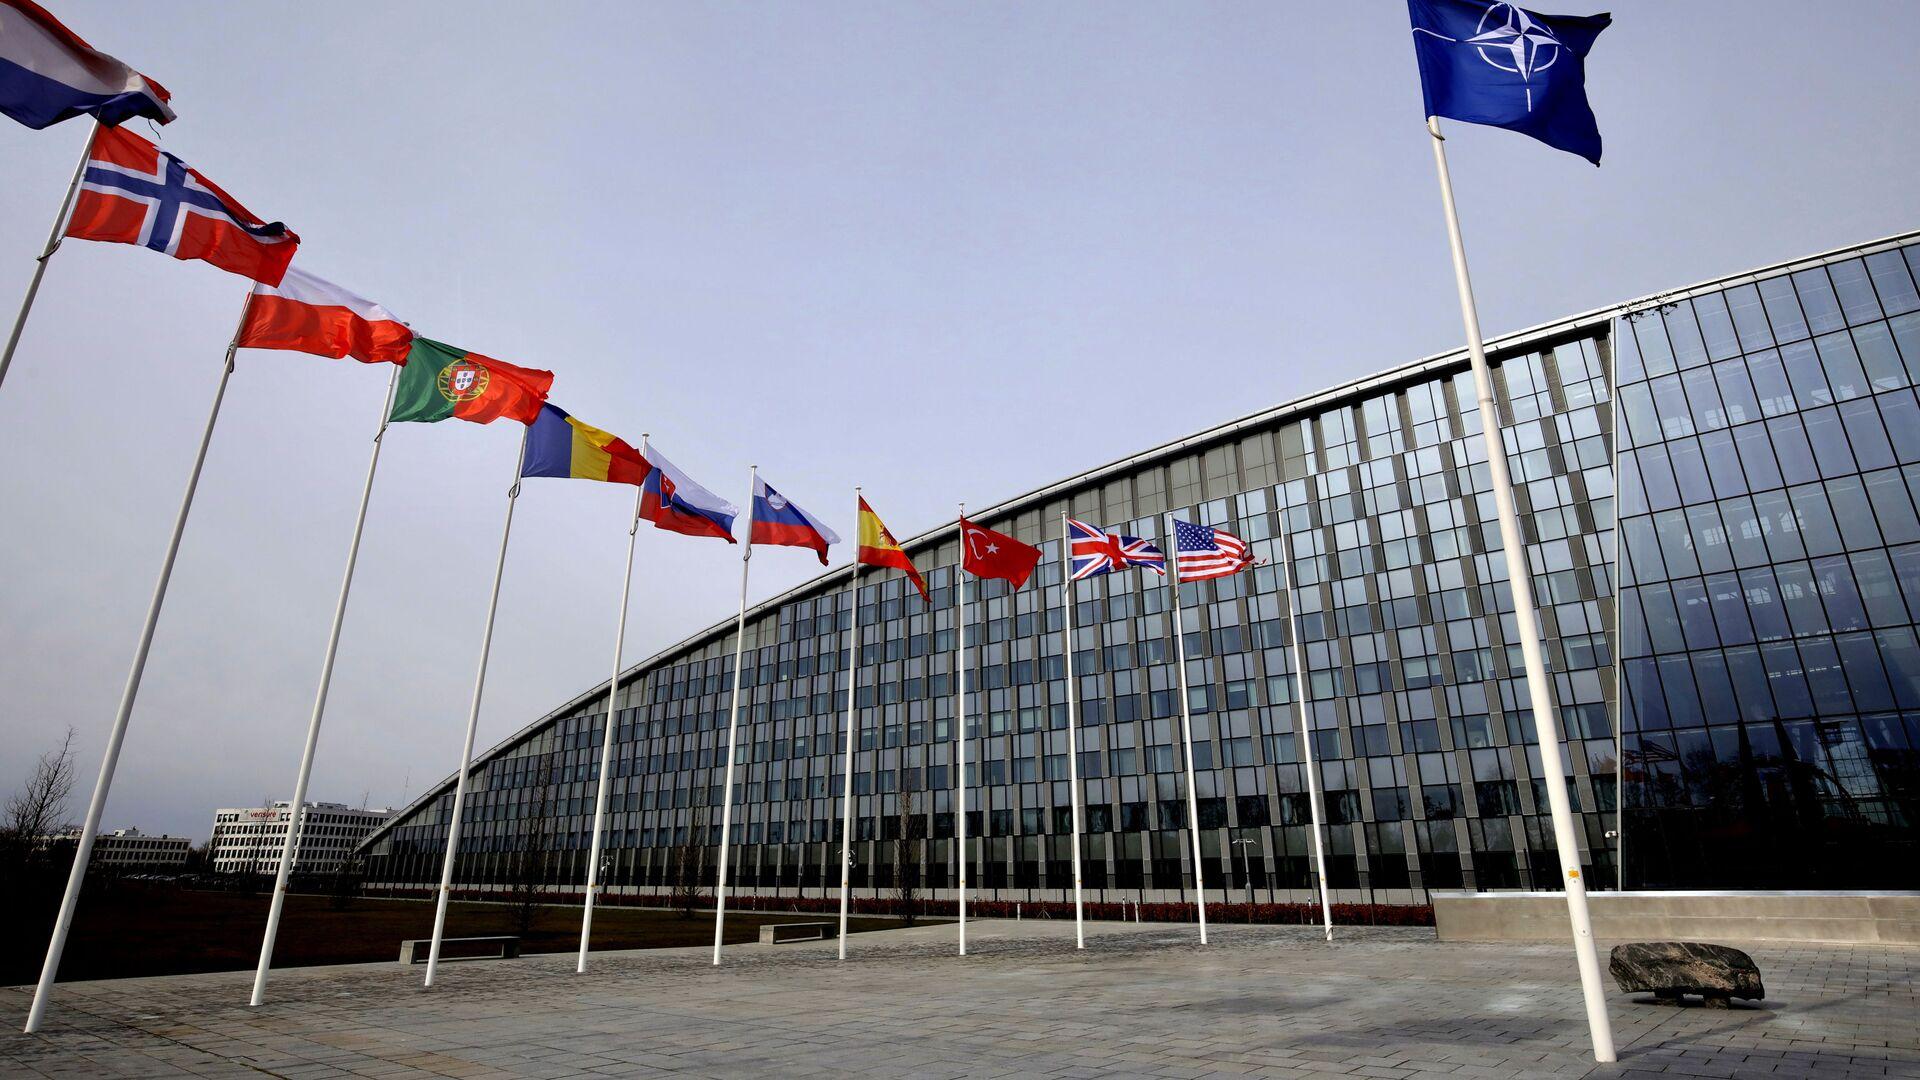 La sede de la OTAN en Bruselas y banderas de algunos países miembros - Sputnik Mundo, 1920, 08.10.2021